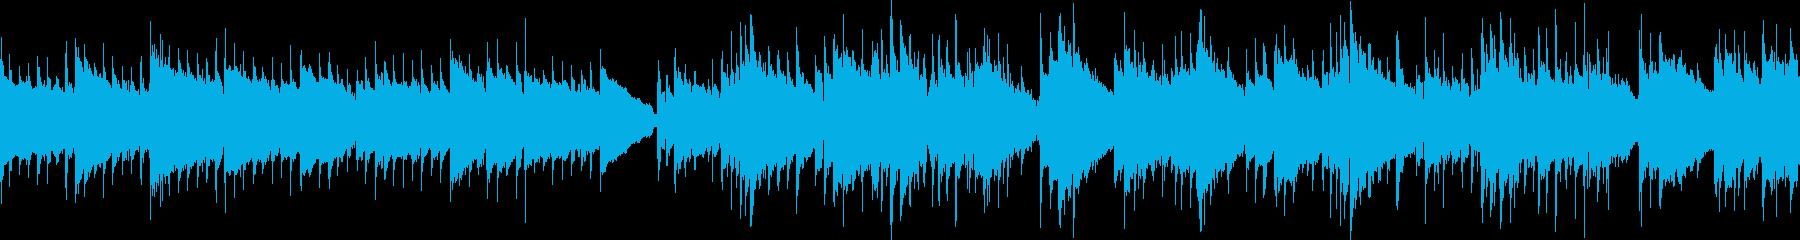 生演奏アコギのメロが綺麗で暖かくバラードの再生済みの波形